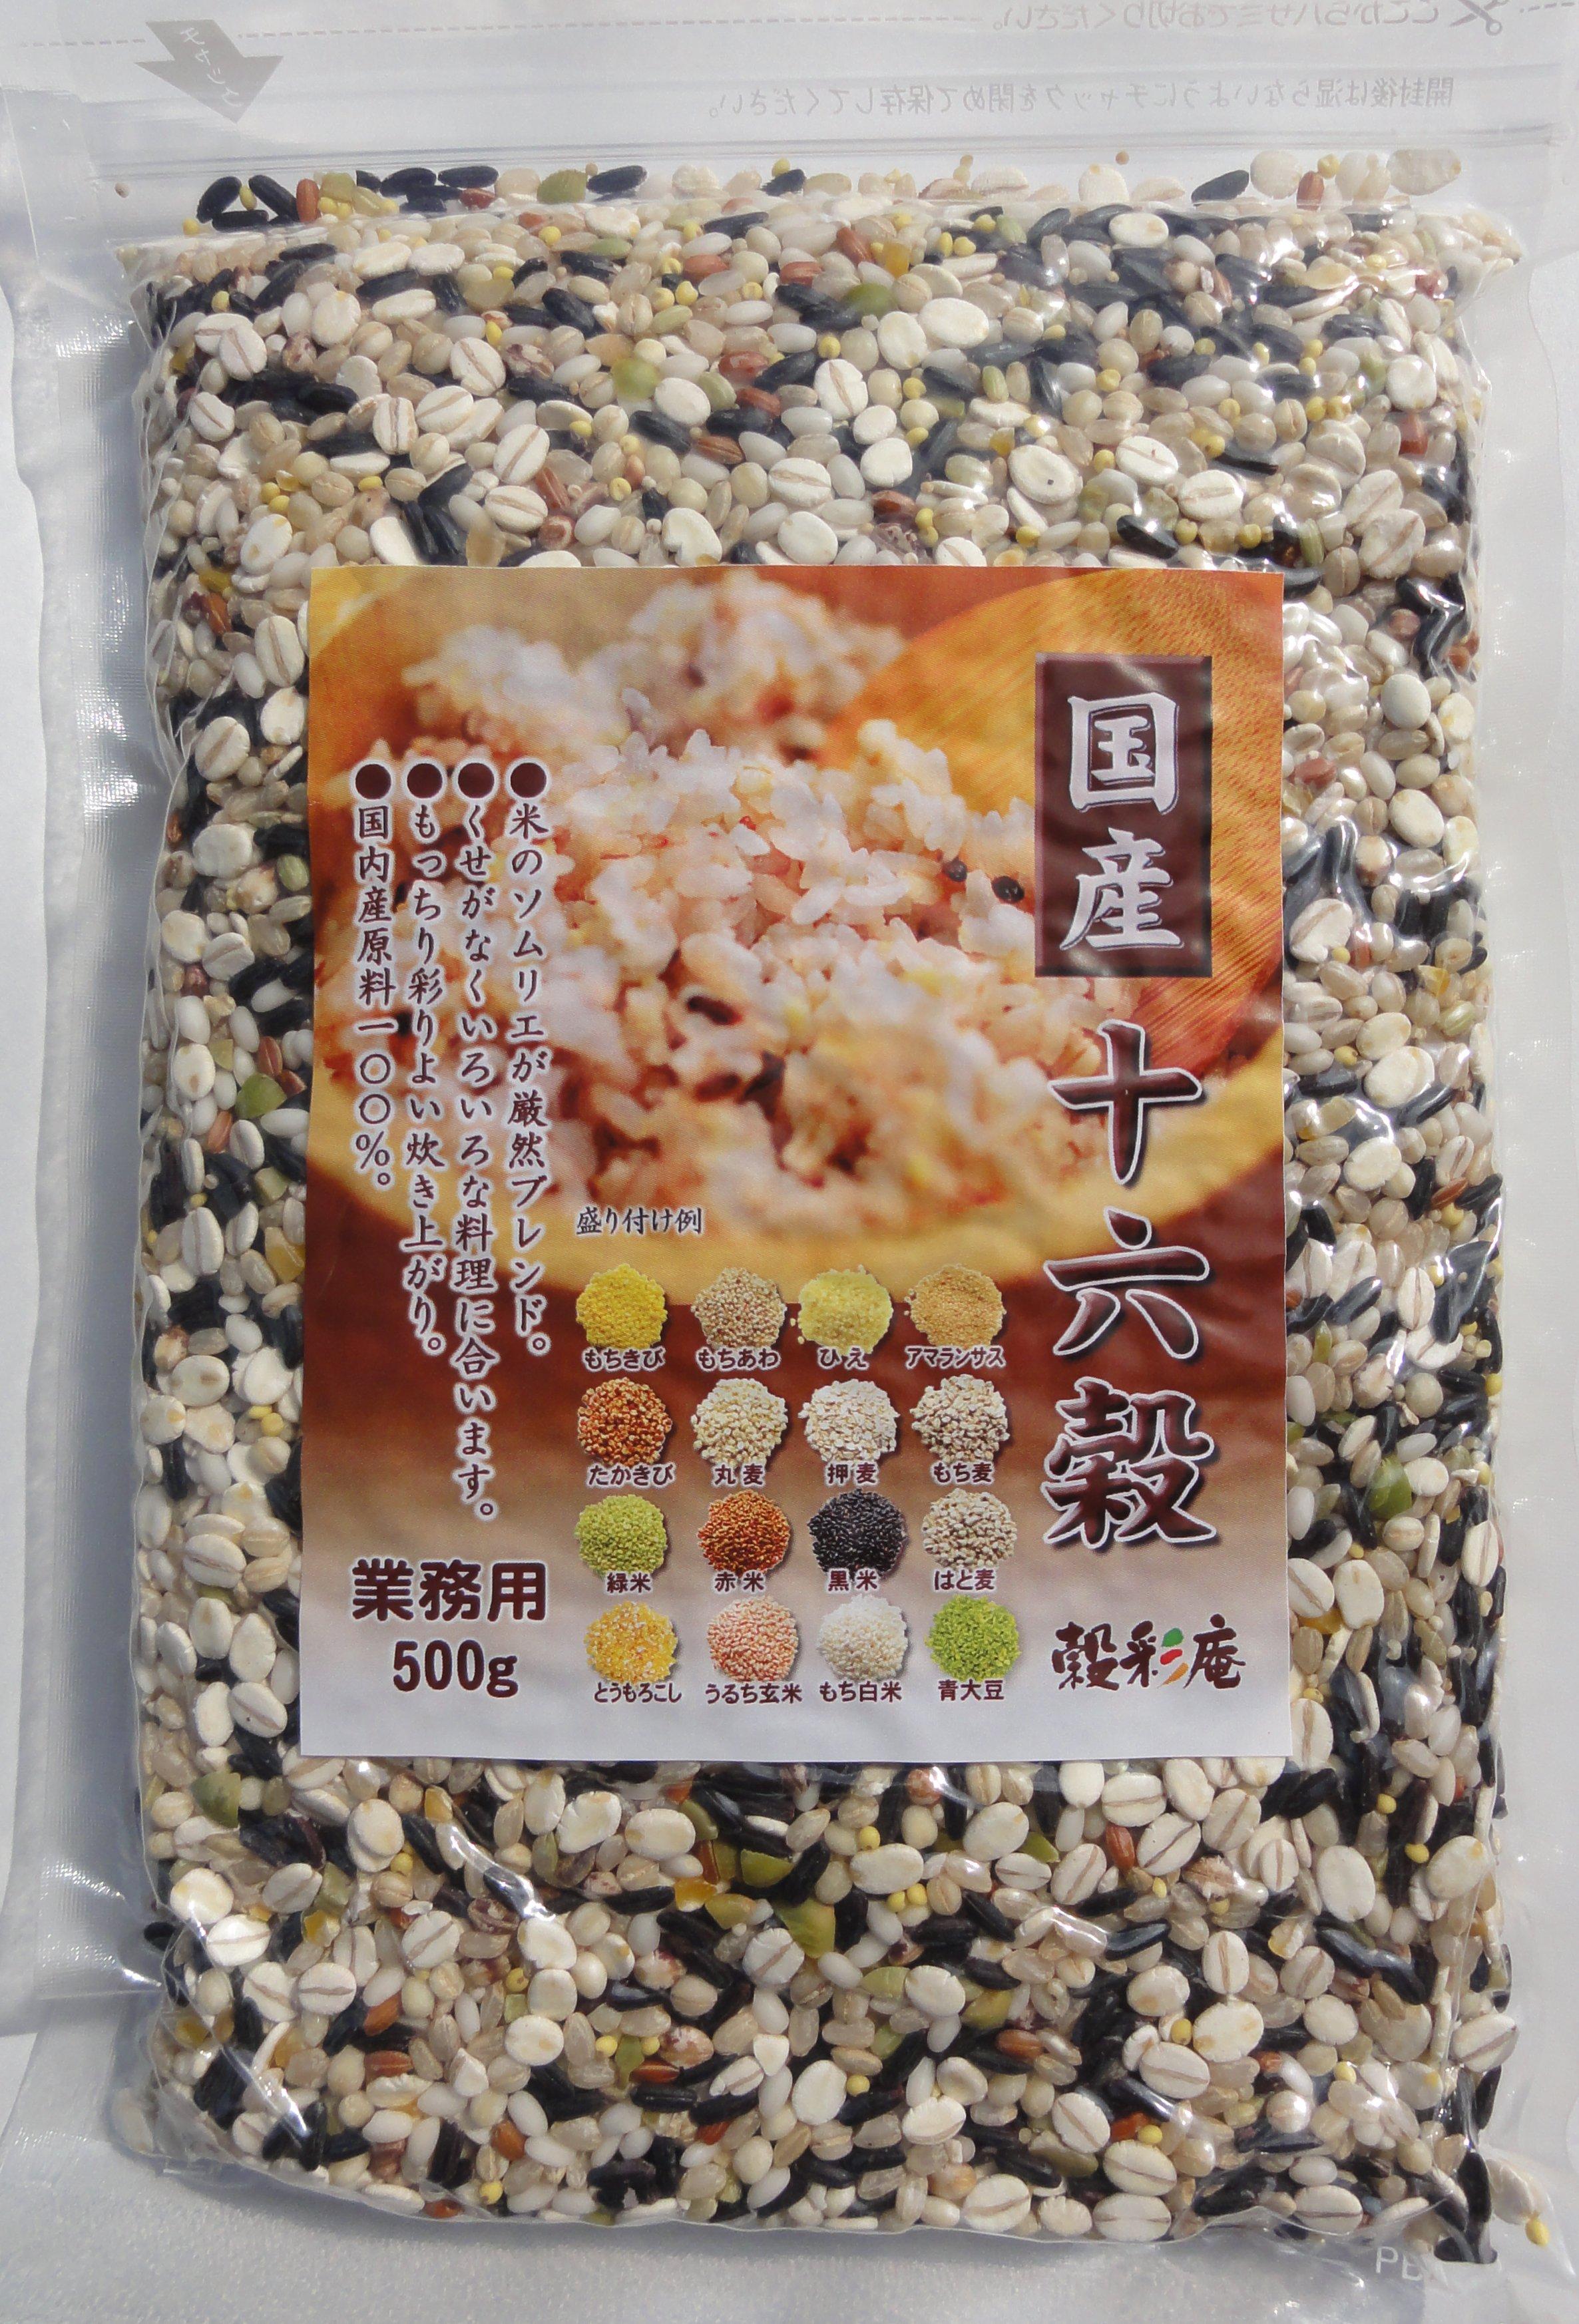 """<div style=""""font-weight: normal;""""><span style=""""font-size: 10pt;"""">「十六穀」は全て国産原料を使用しています。</span><br></div><br>もちきび、もちあわ、ひえ、はと麦、丸麦、押麦、たかきび、もち麦、黒米、<br>赤米、緑米、アマランサス、もち米、青大豆ひき割り、とうもろこしひき割、<br>発芽玄米をお米のソムリエ平松伸元氏が栄養価が出来るだけ摂ることが出来、<br>手軽に美味しいく食べていただく事が出来るよう試作を重ね、十六種の穀物それぞれに<br><div>最適なバランスで配合しております。</div><div><br></div><div><br></div><br><br>"""